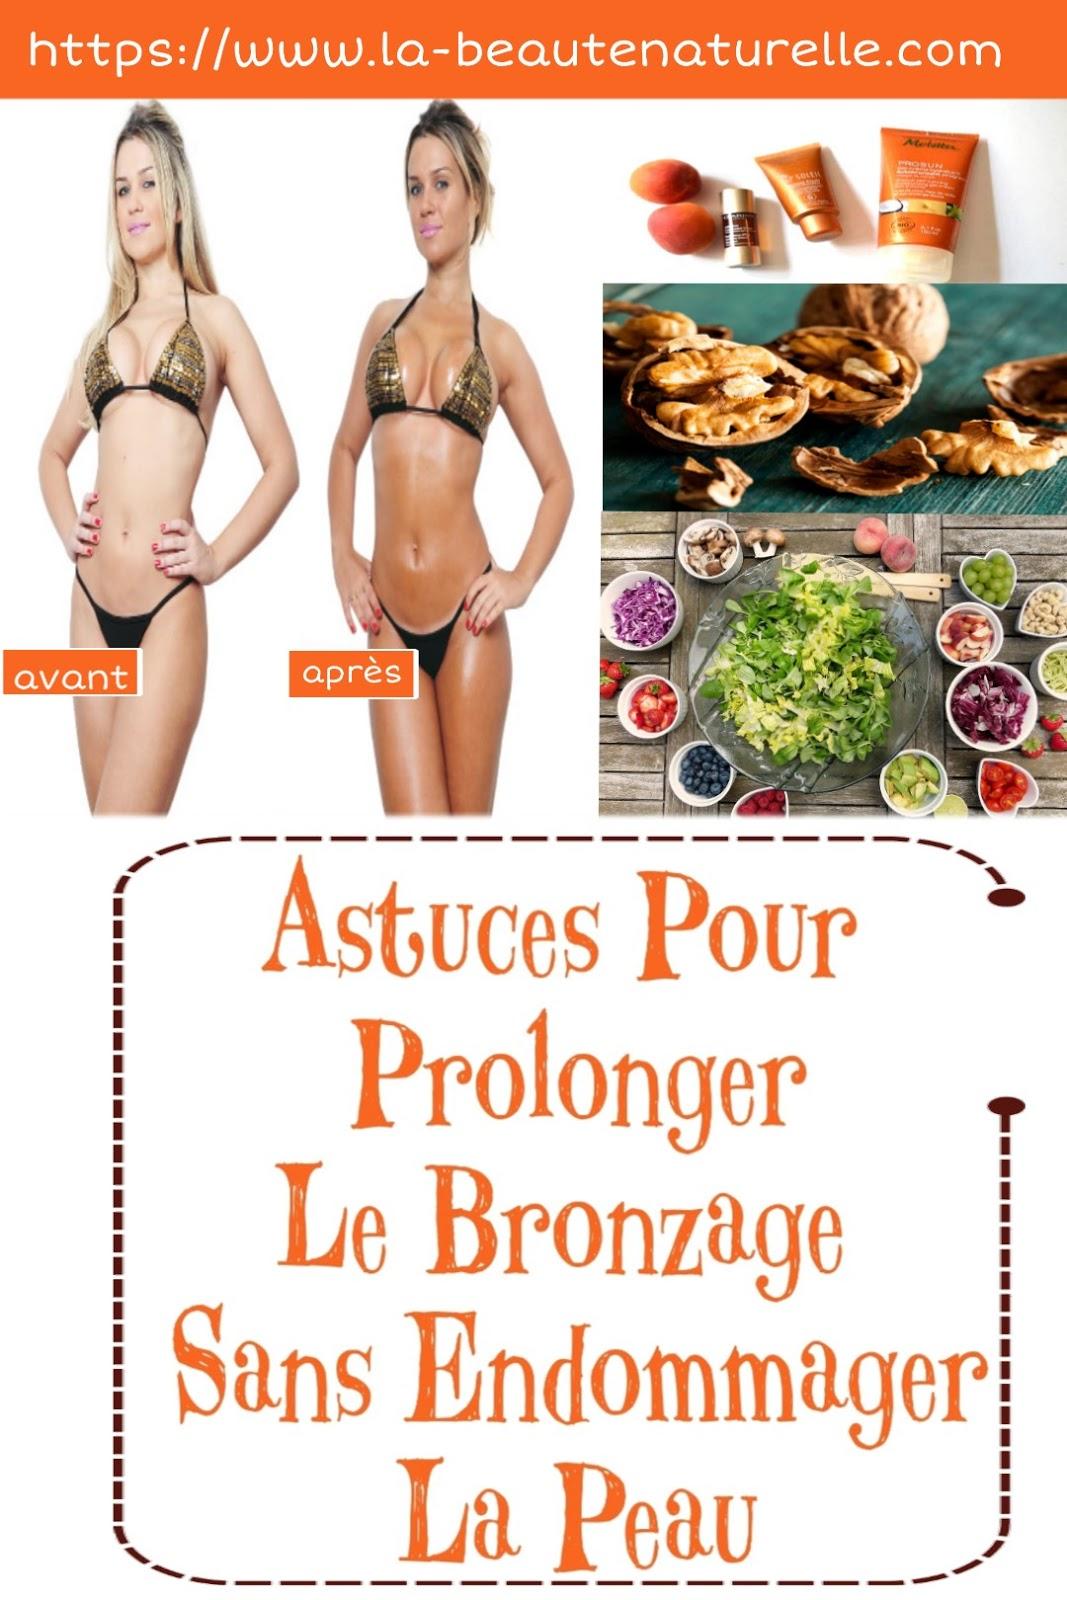 Astuces Pour Prolonger Le Bronzage Sans Endommager La Peau